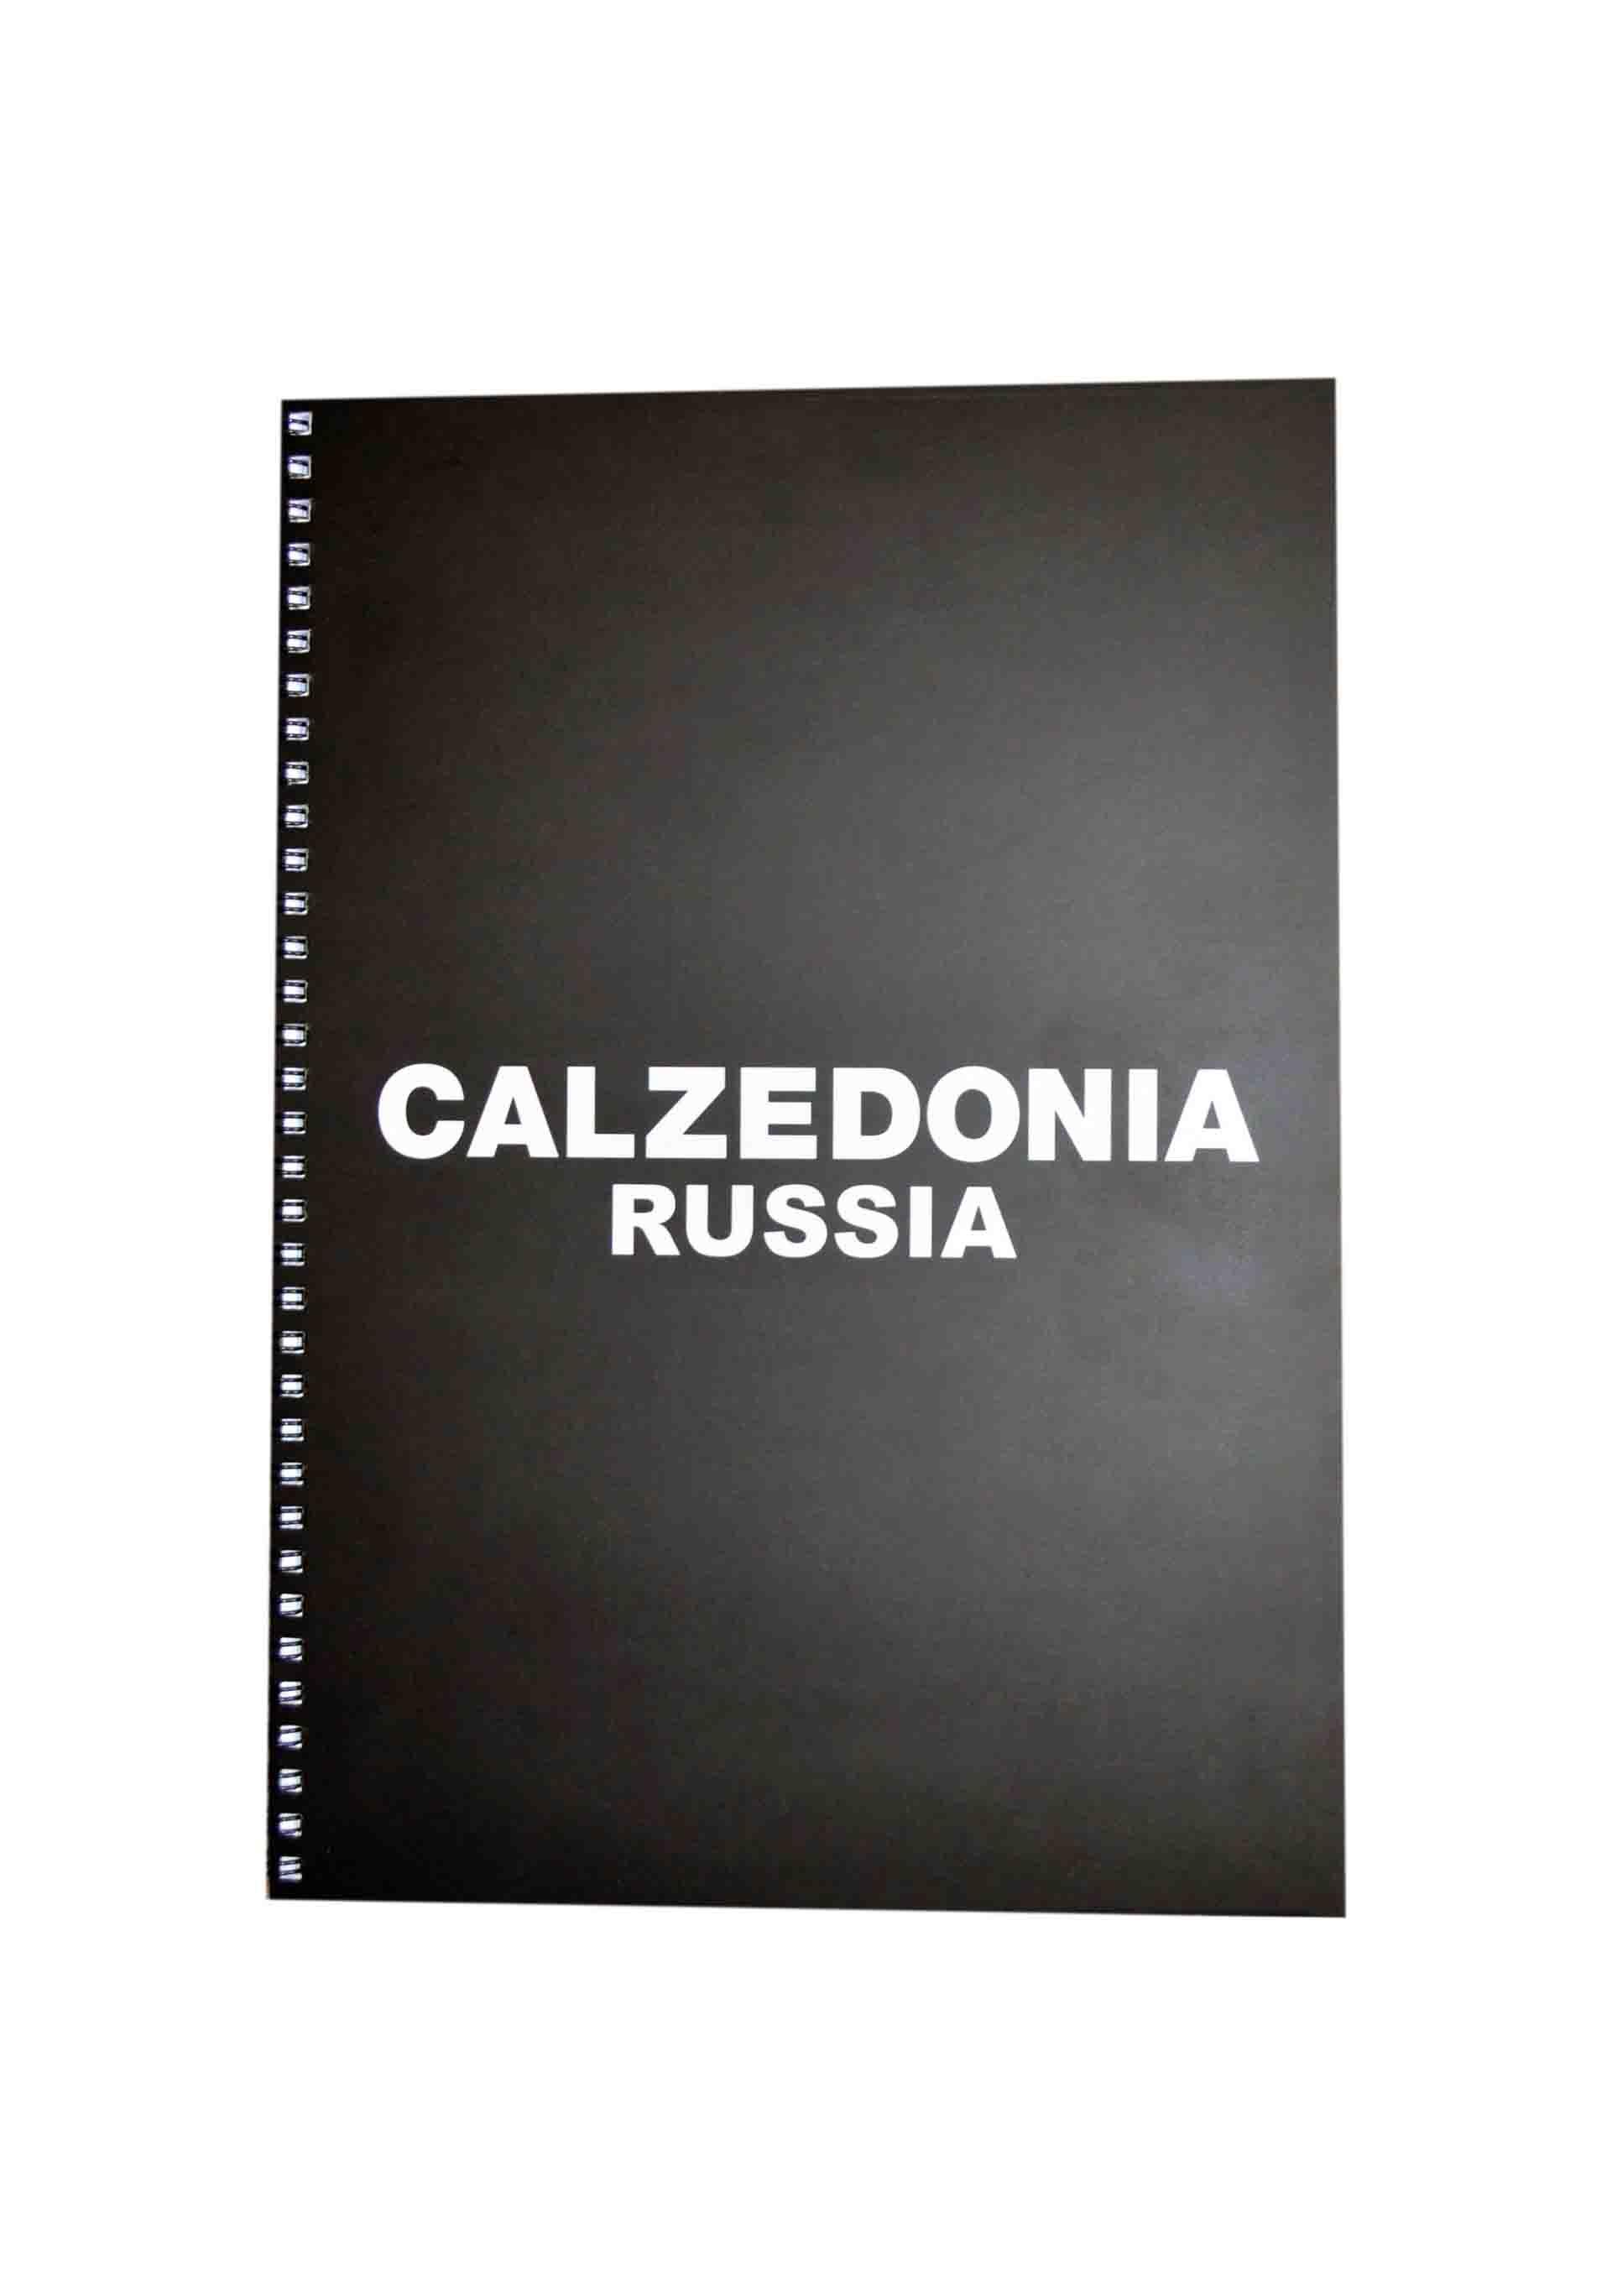 печать блокнотов calzedonia